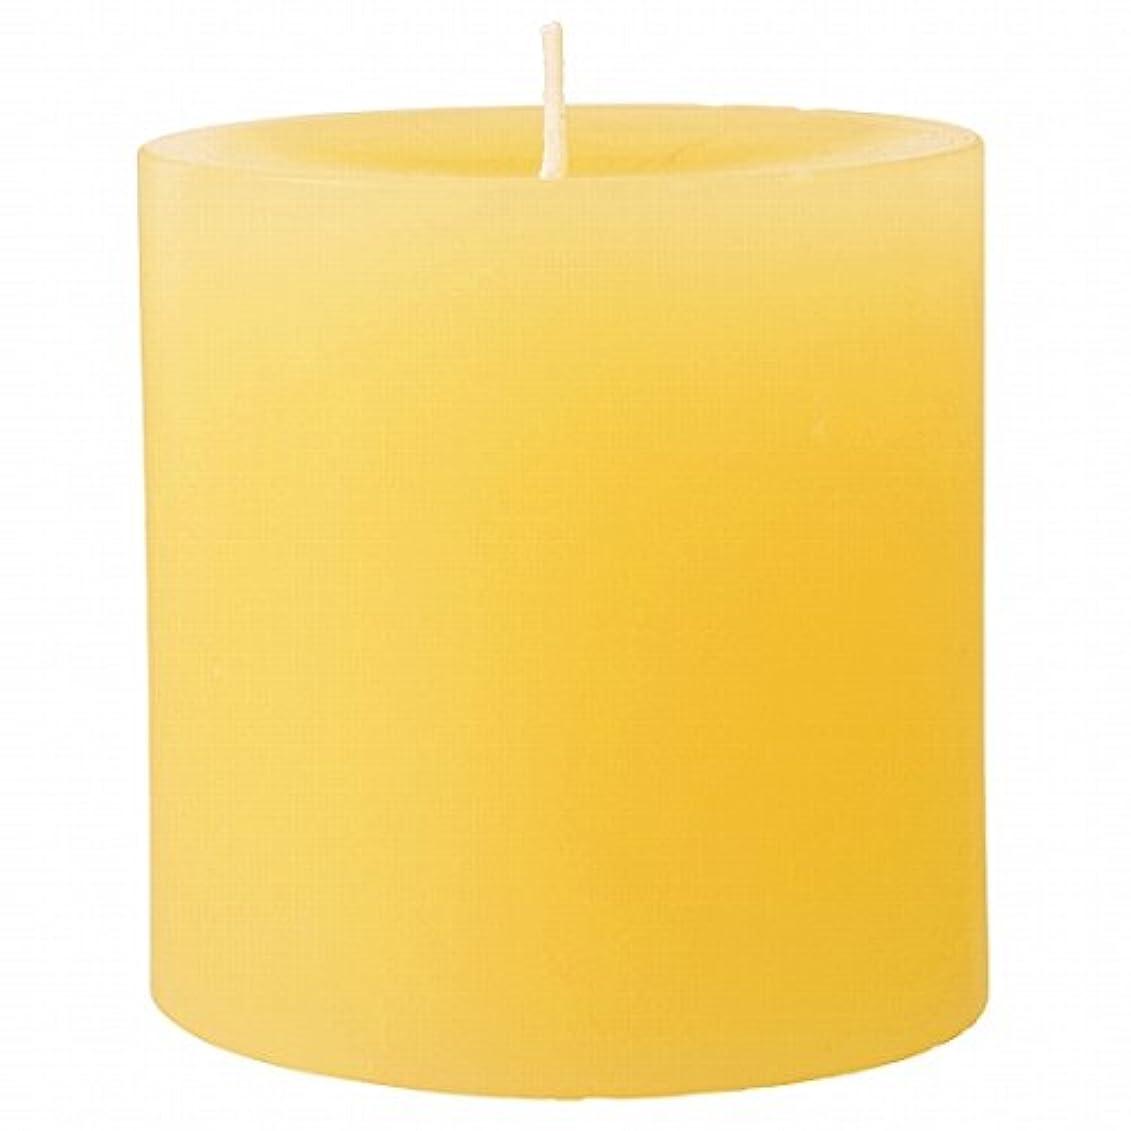 契約より良いサーフィンカメヤマキャンドル(kameyama candle) 75×75ピラーキャンドル 「 アイボリー 」